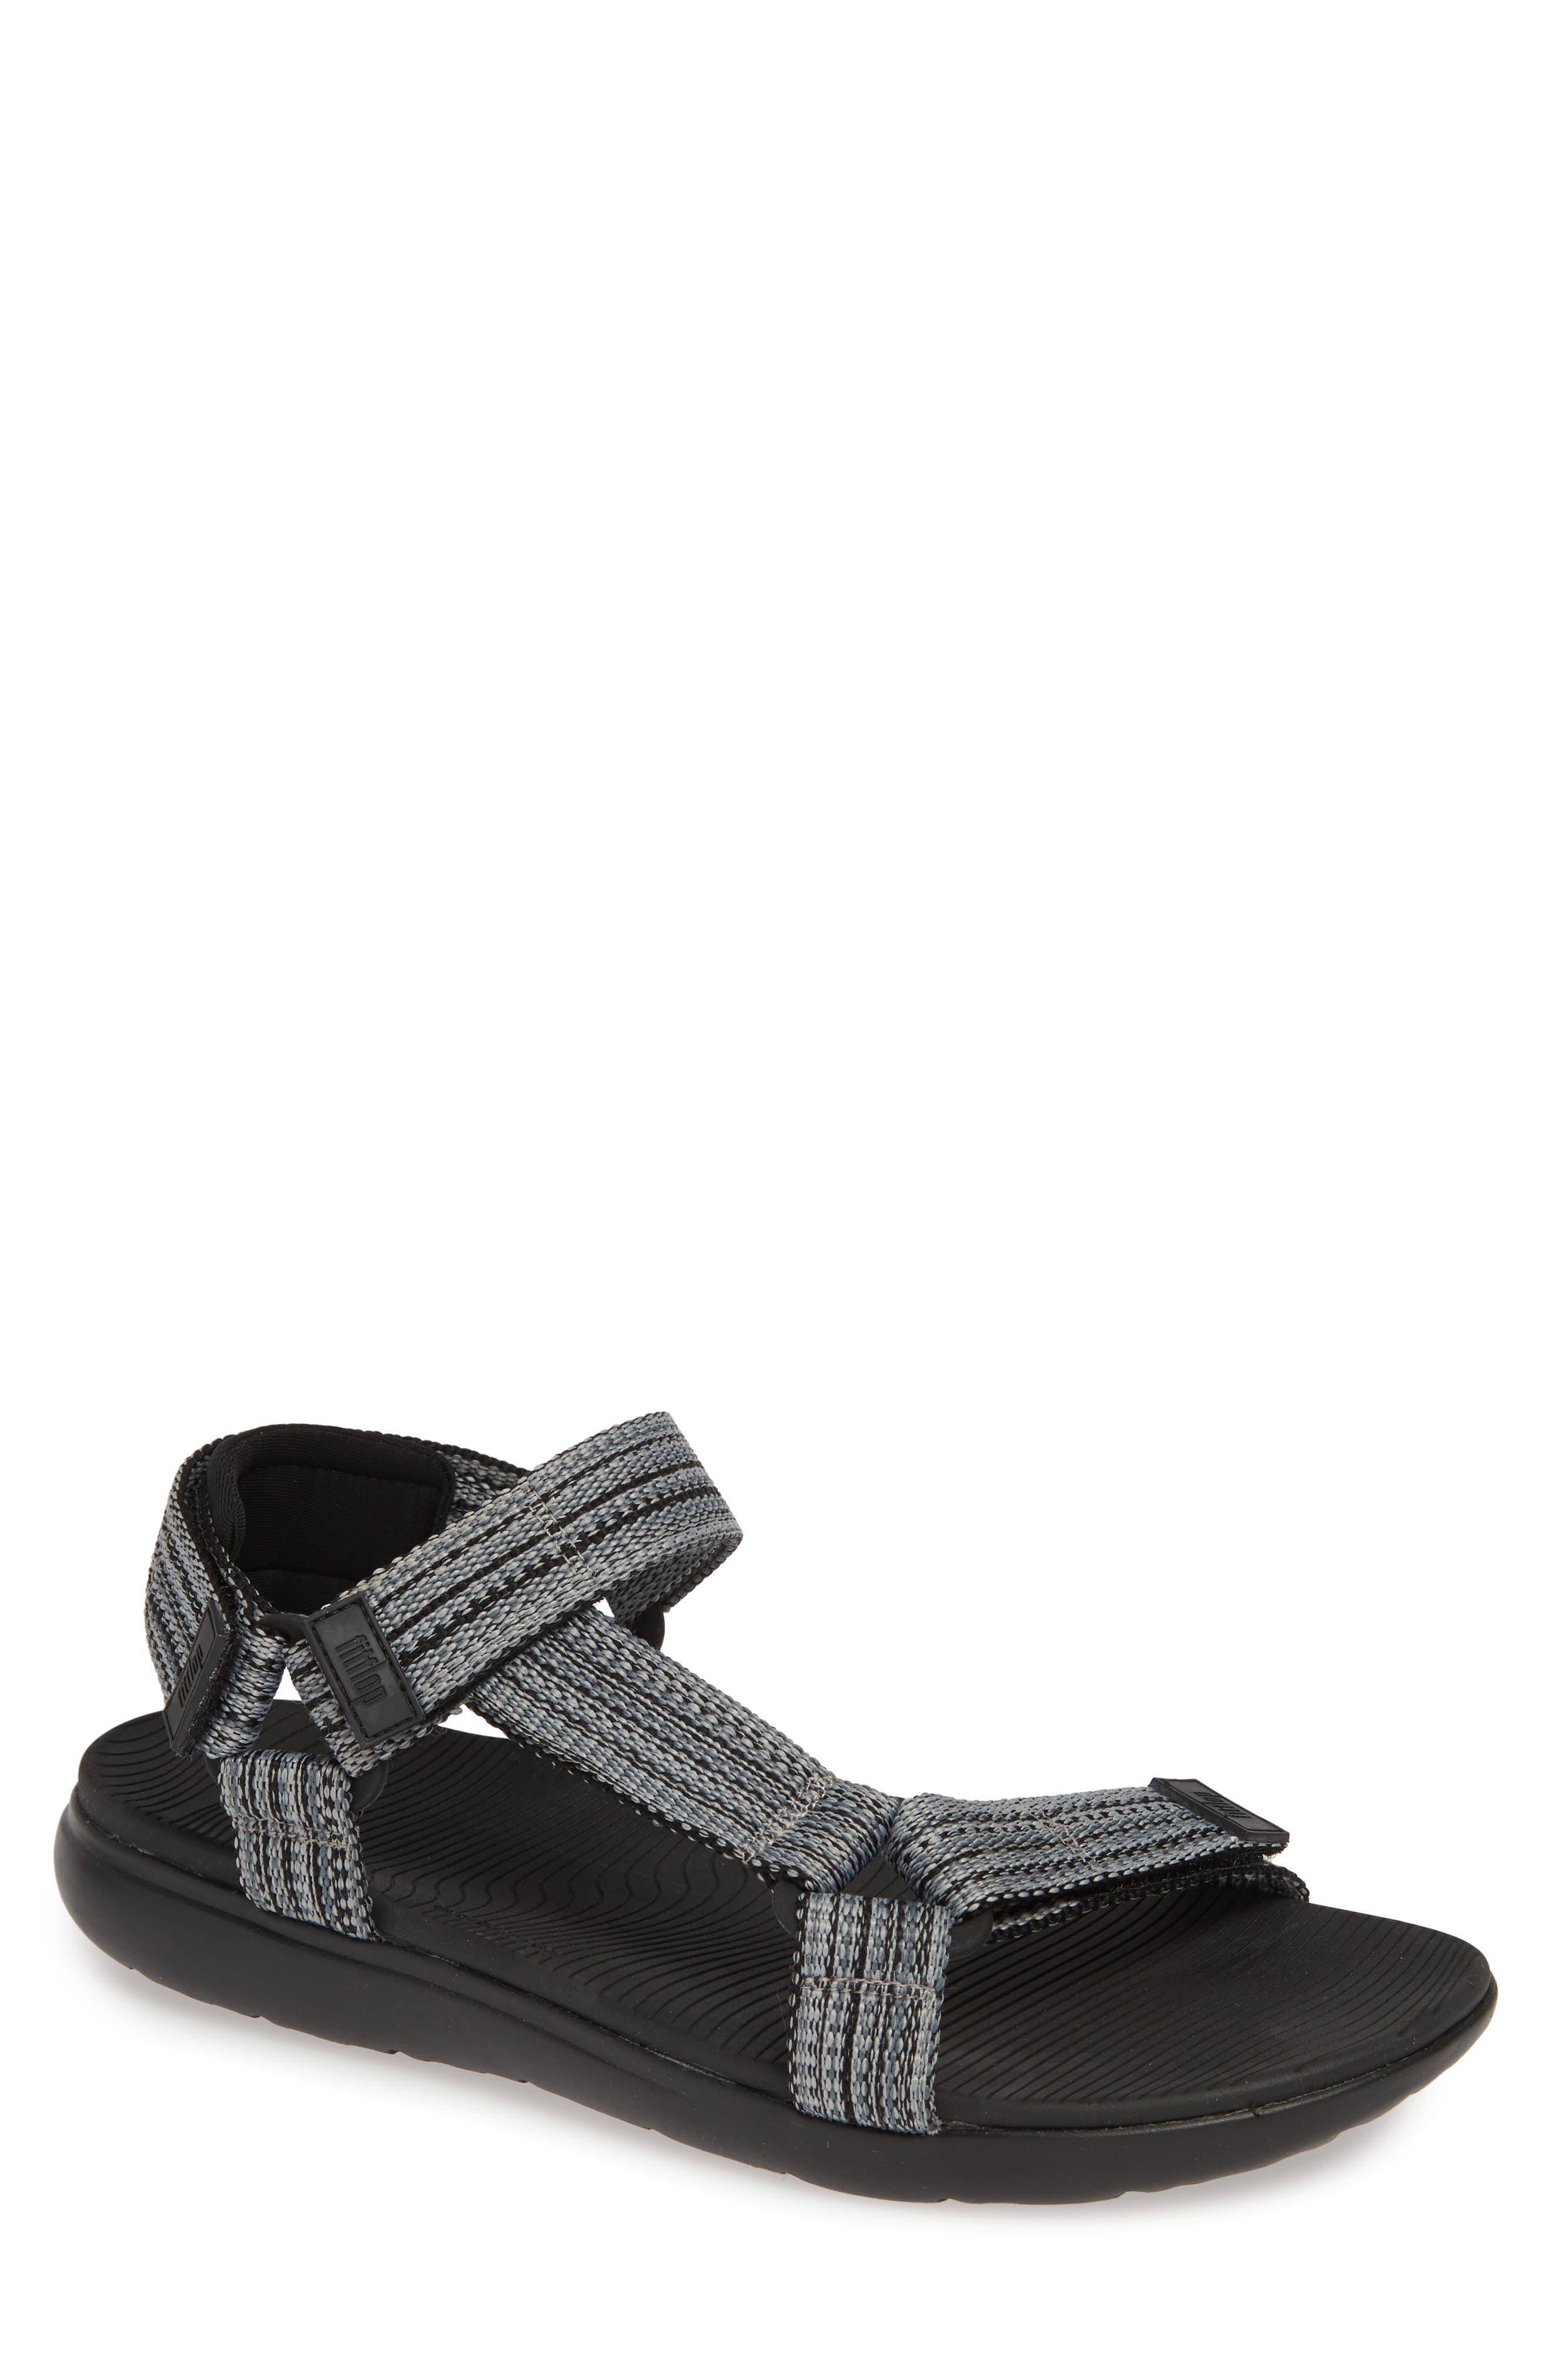 Freshweave Sport Sandal,                             Main thumbnail 1, color,                             BLACK KNIT